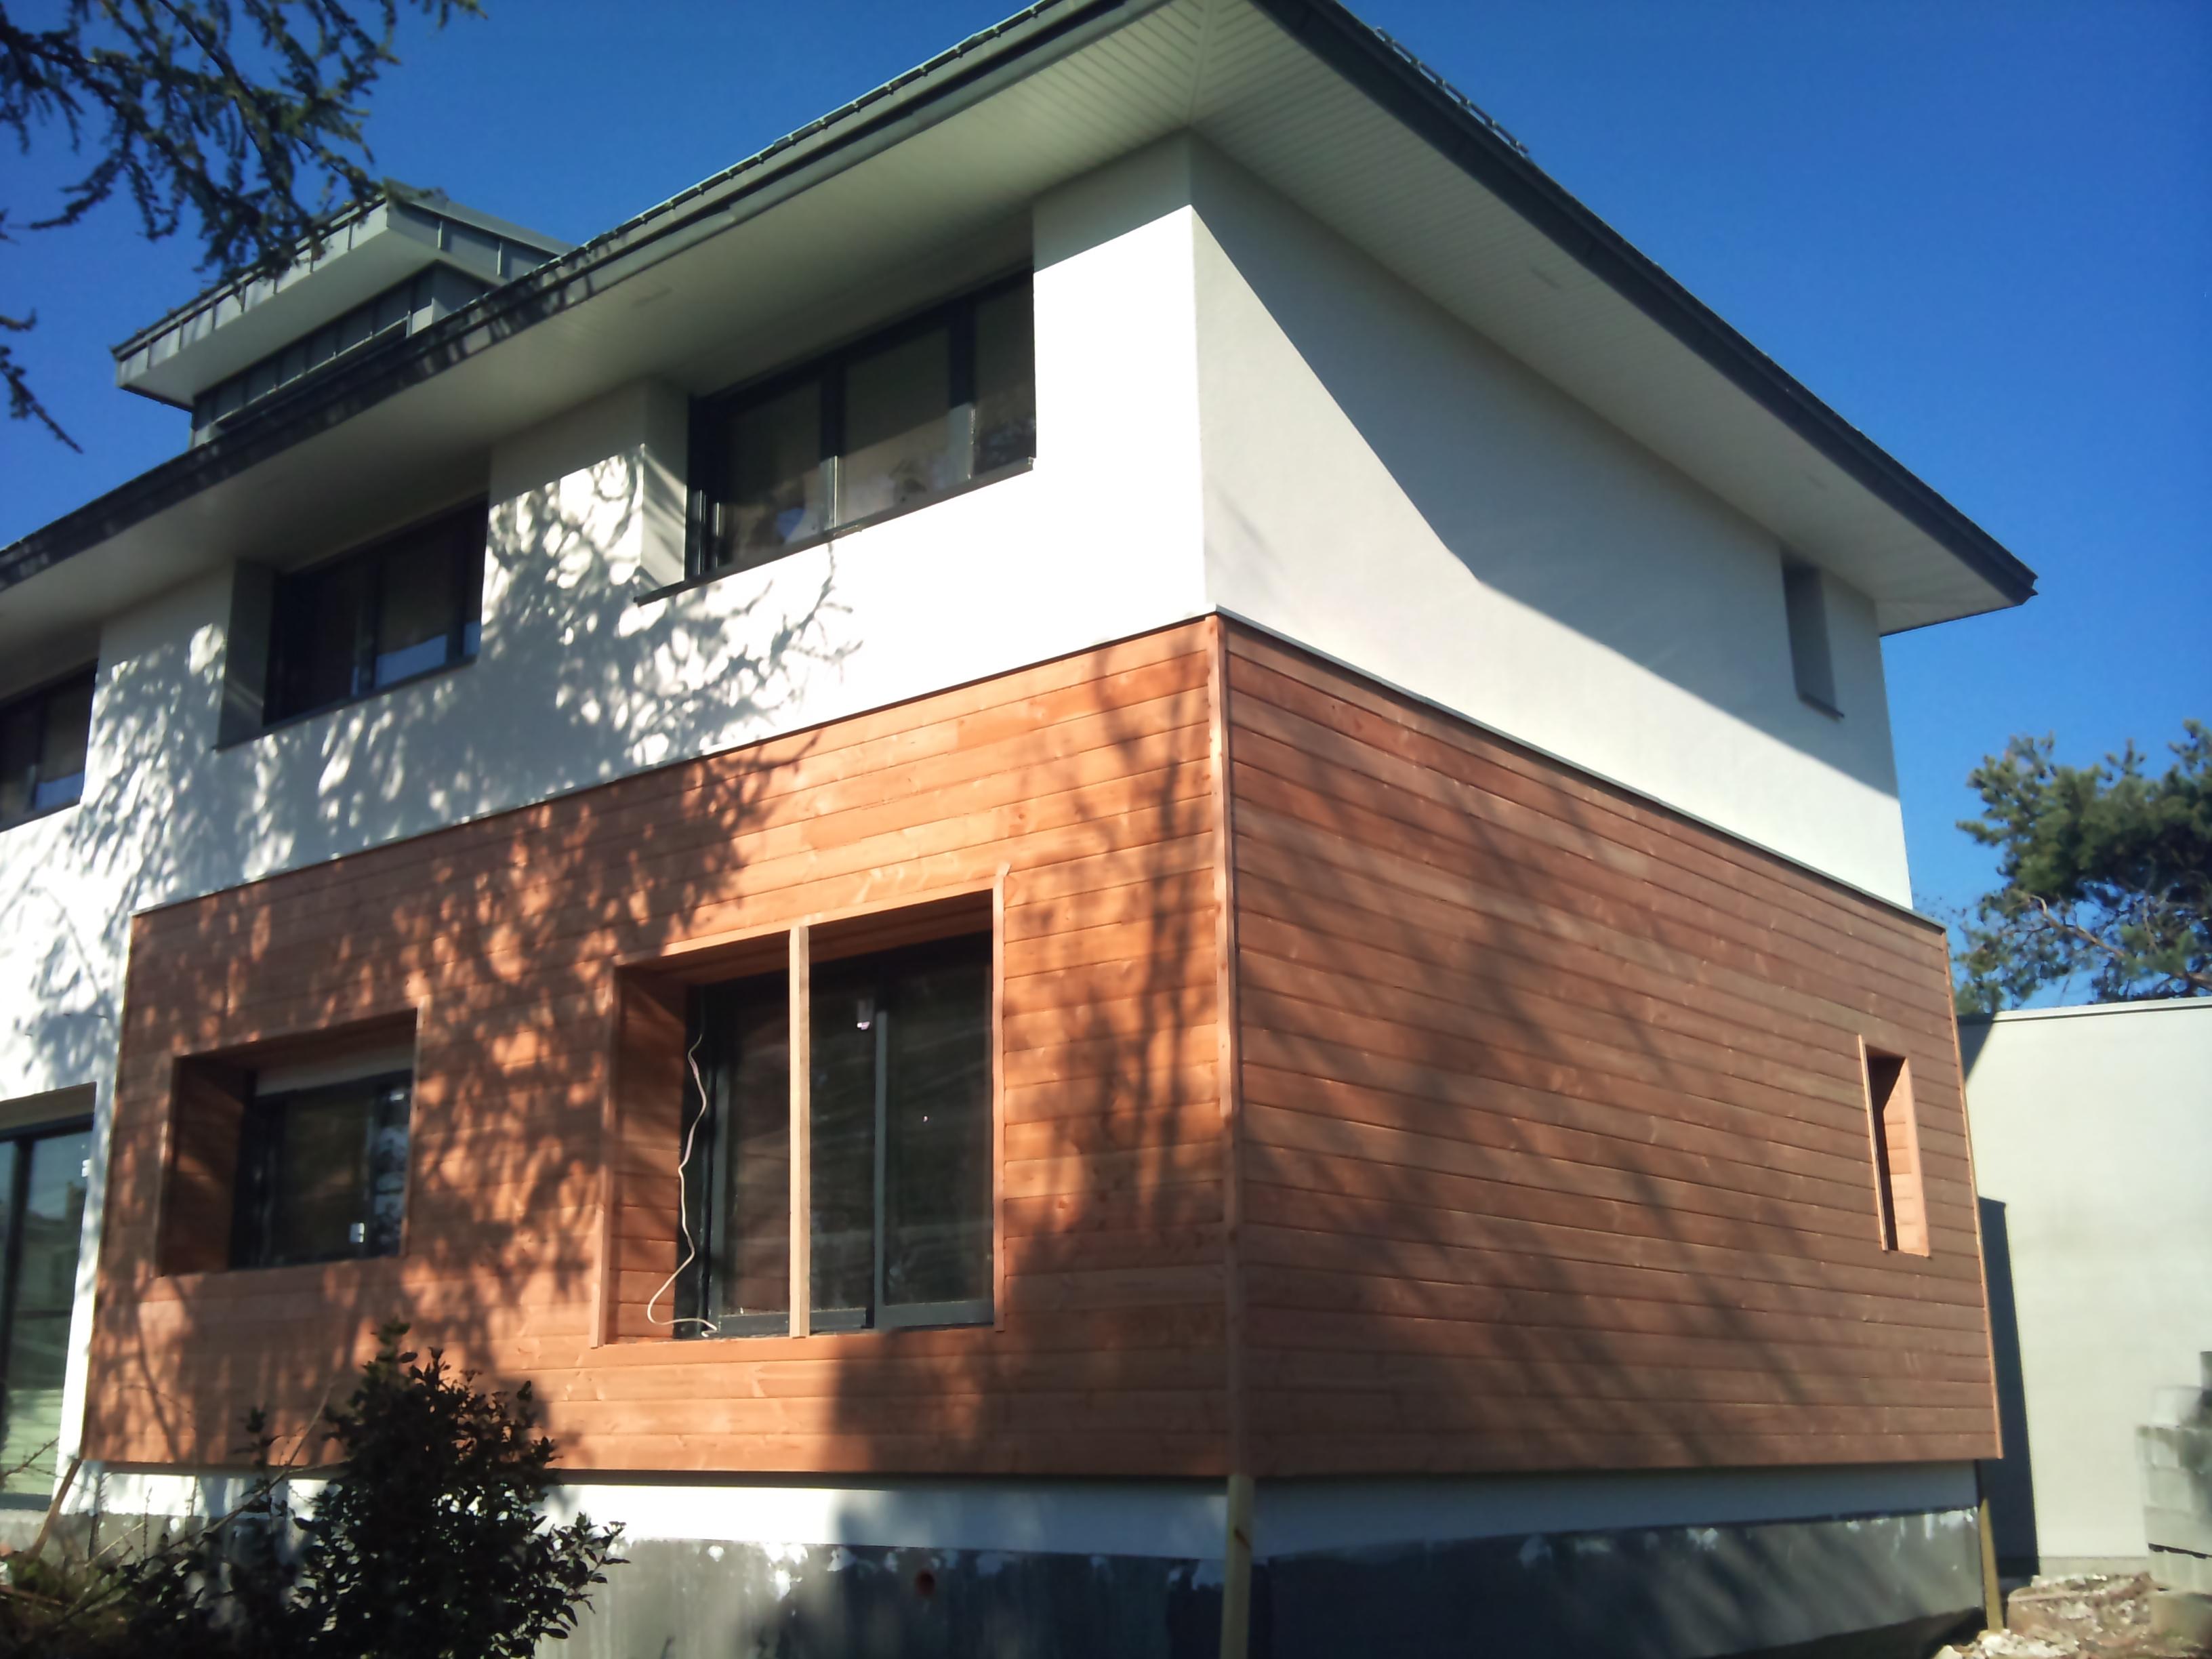 Bardage bois maison ancienne avie home for Bardage bois maison ancienne